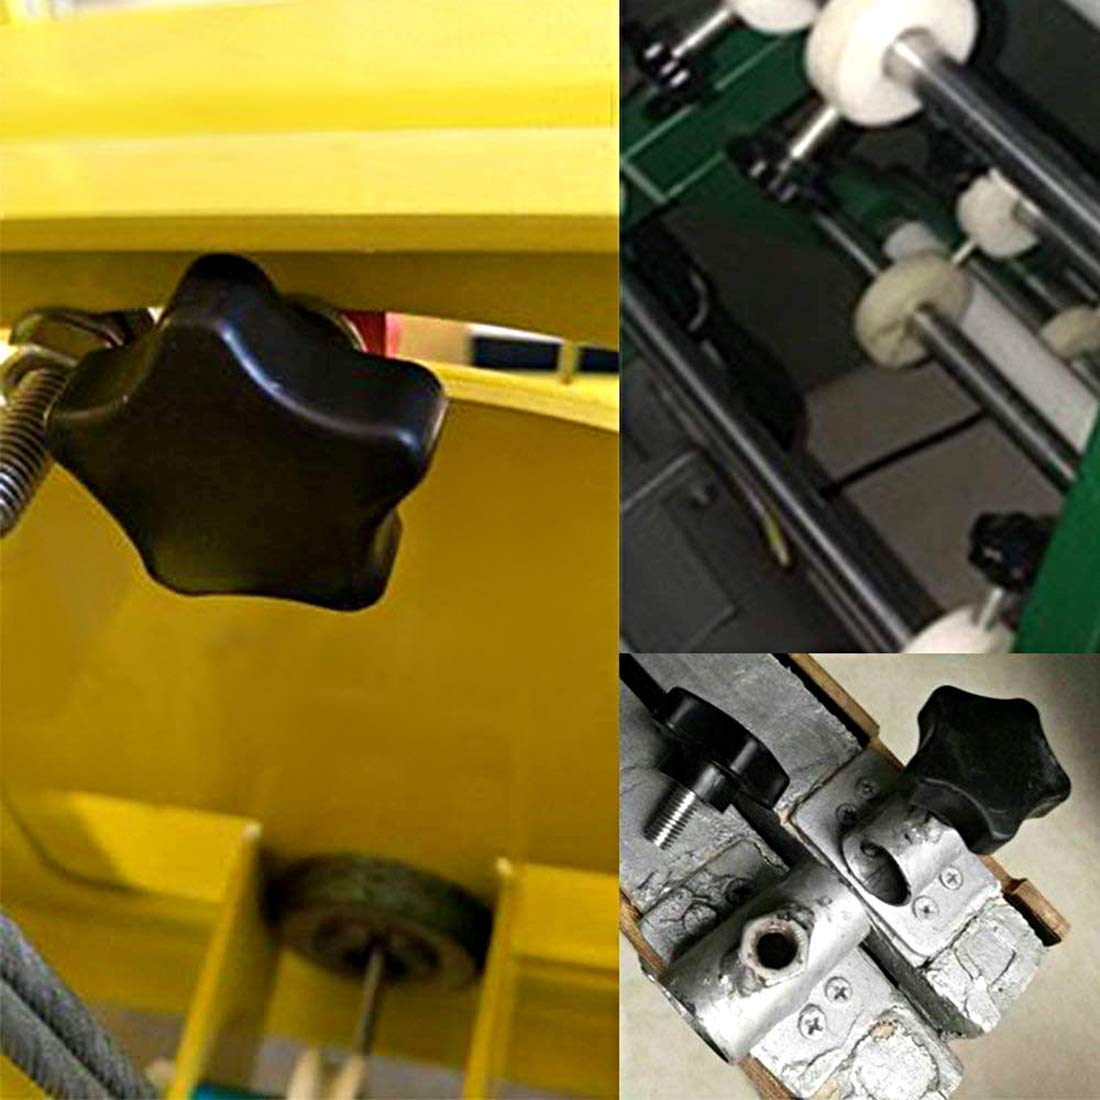 4 Pcs Star Knobs Grips M6 x 35mm Male Thread Steel Zinc Stud Black PP